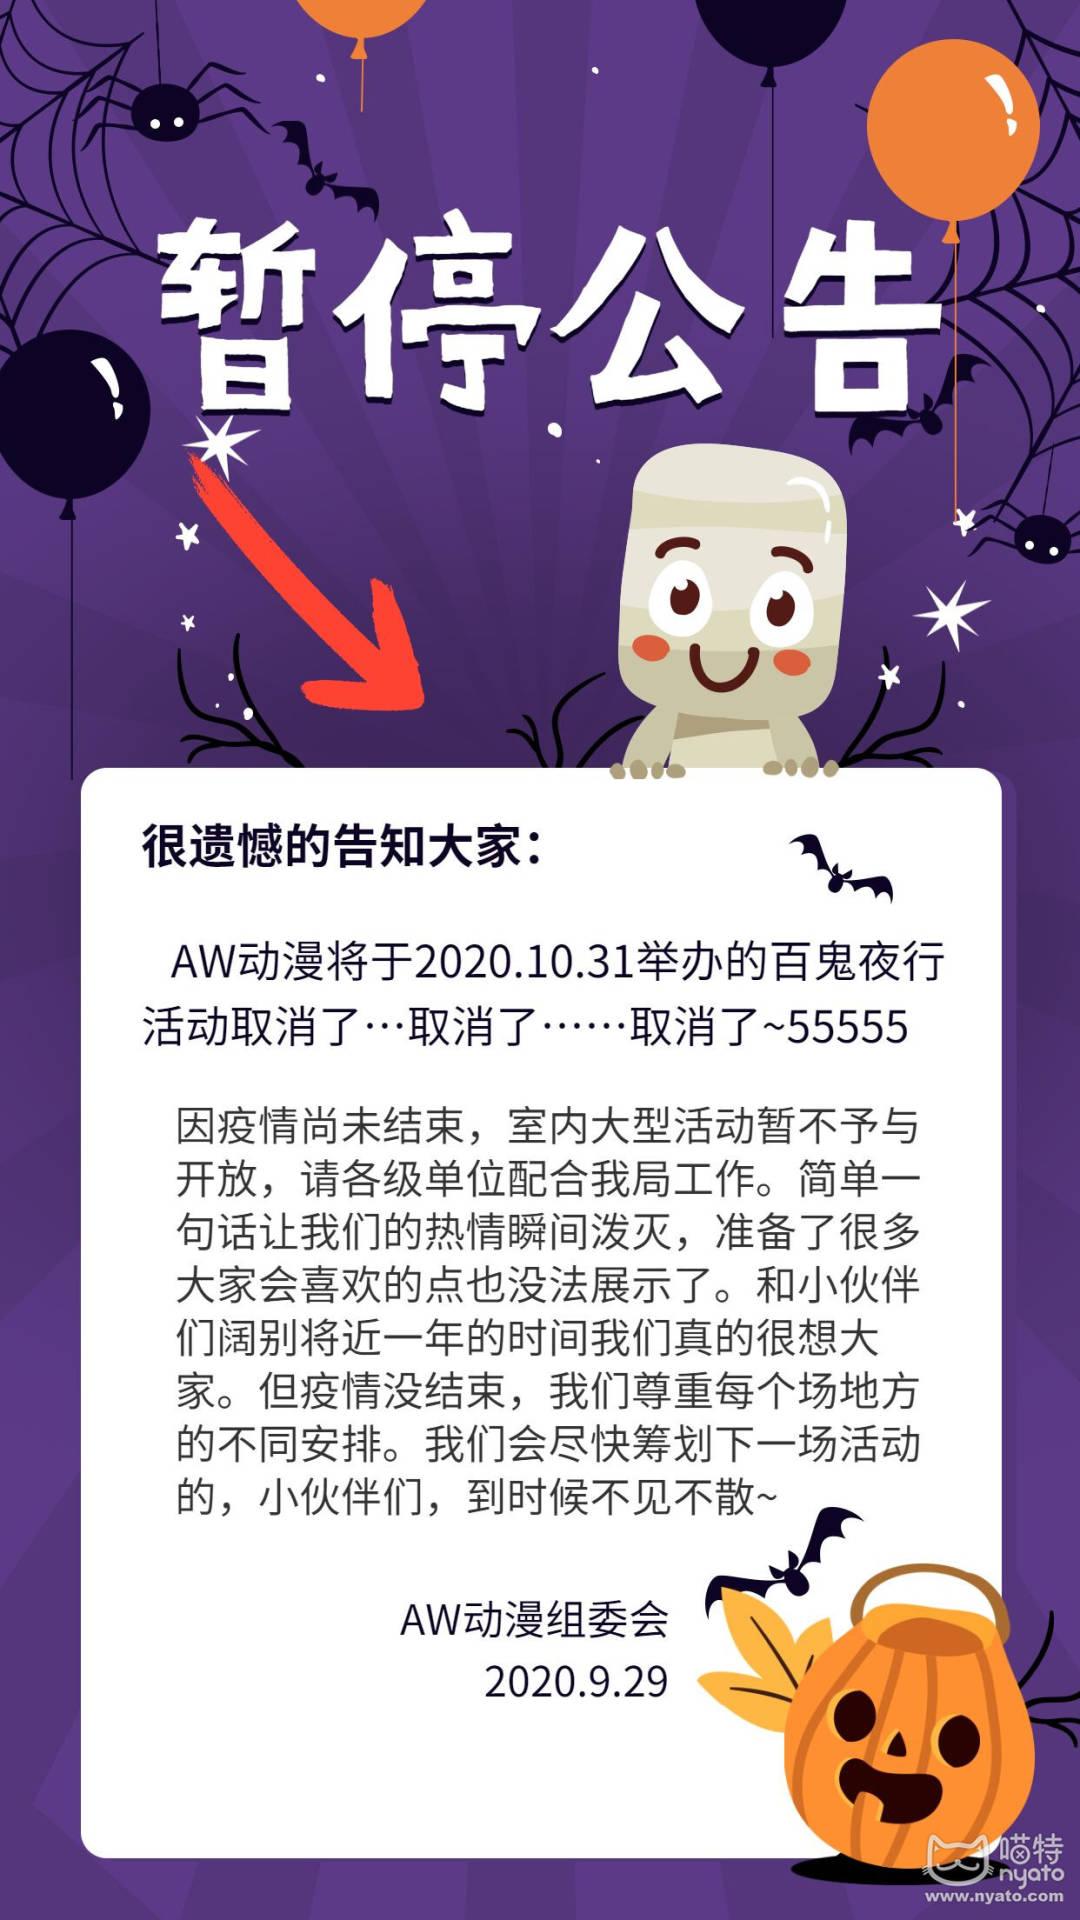 QQ图片20201012144008.jpg